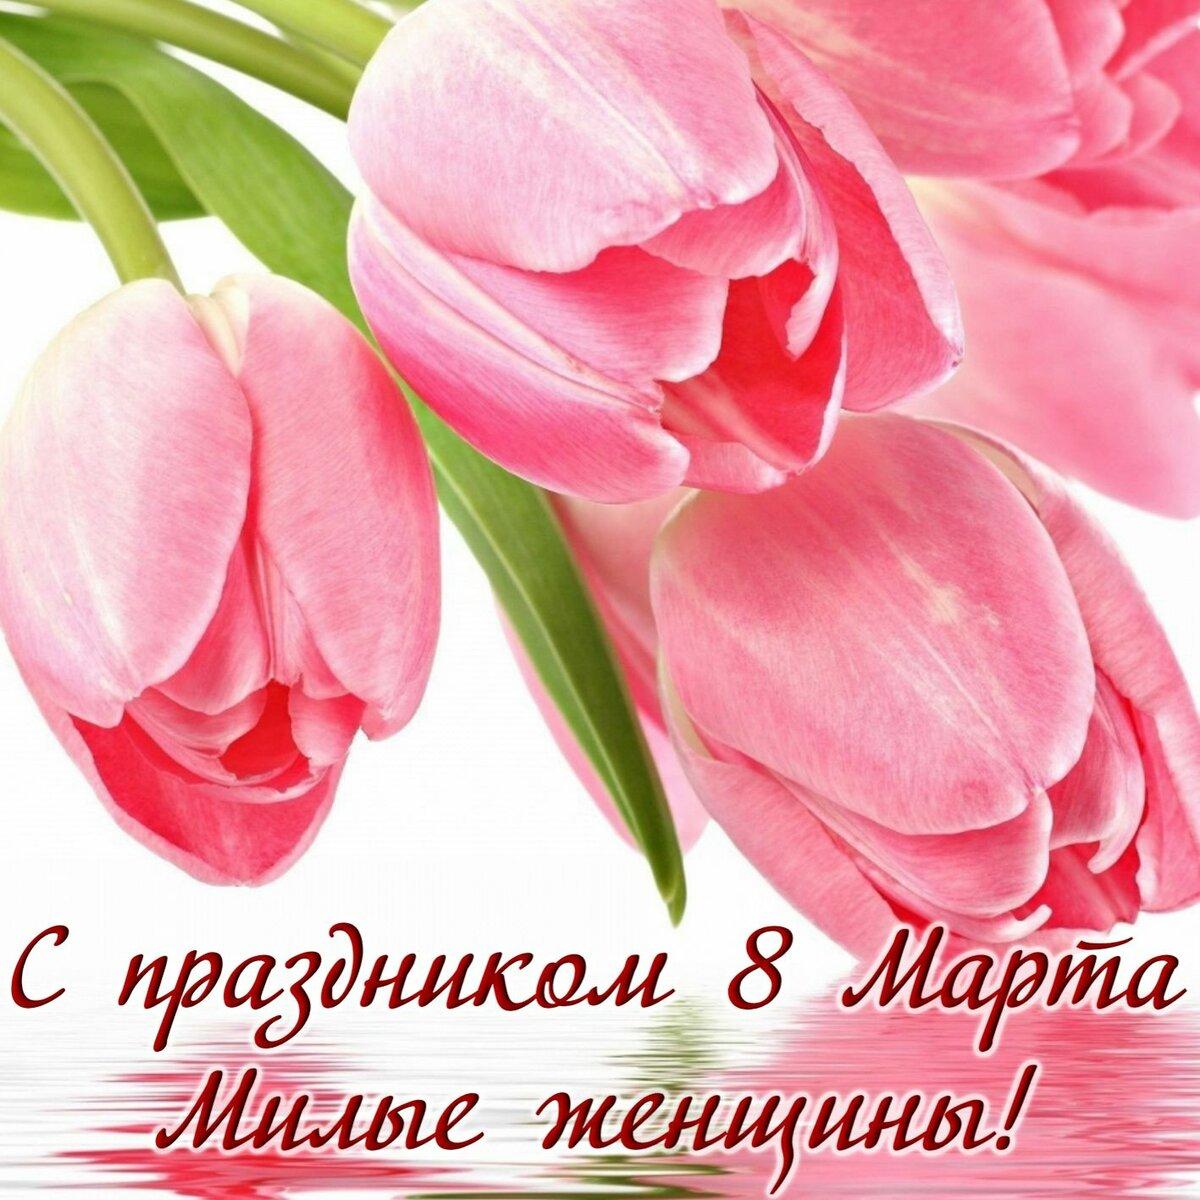 Картинки, картинки с праздником 8 марта с поздравлениями